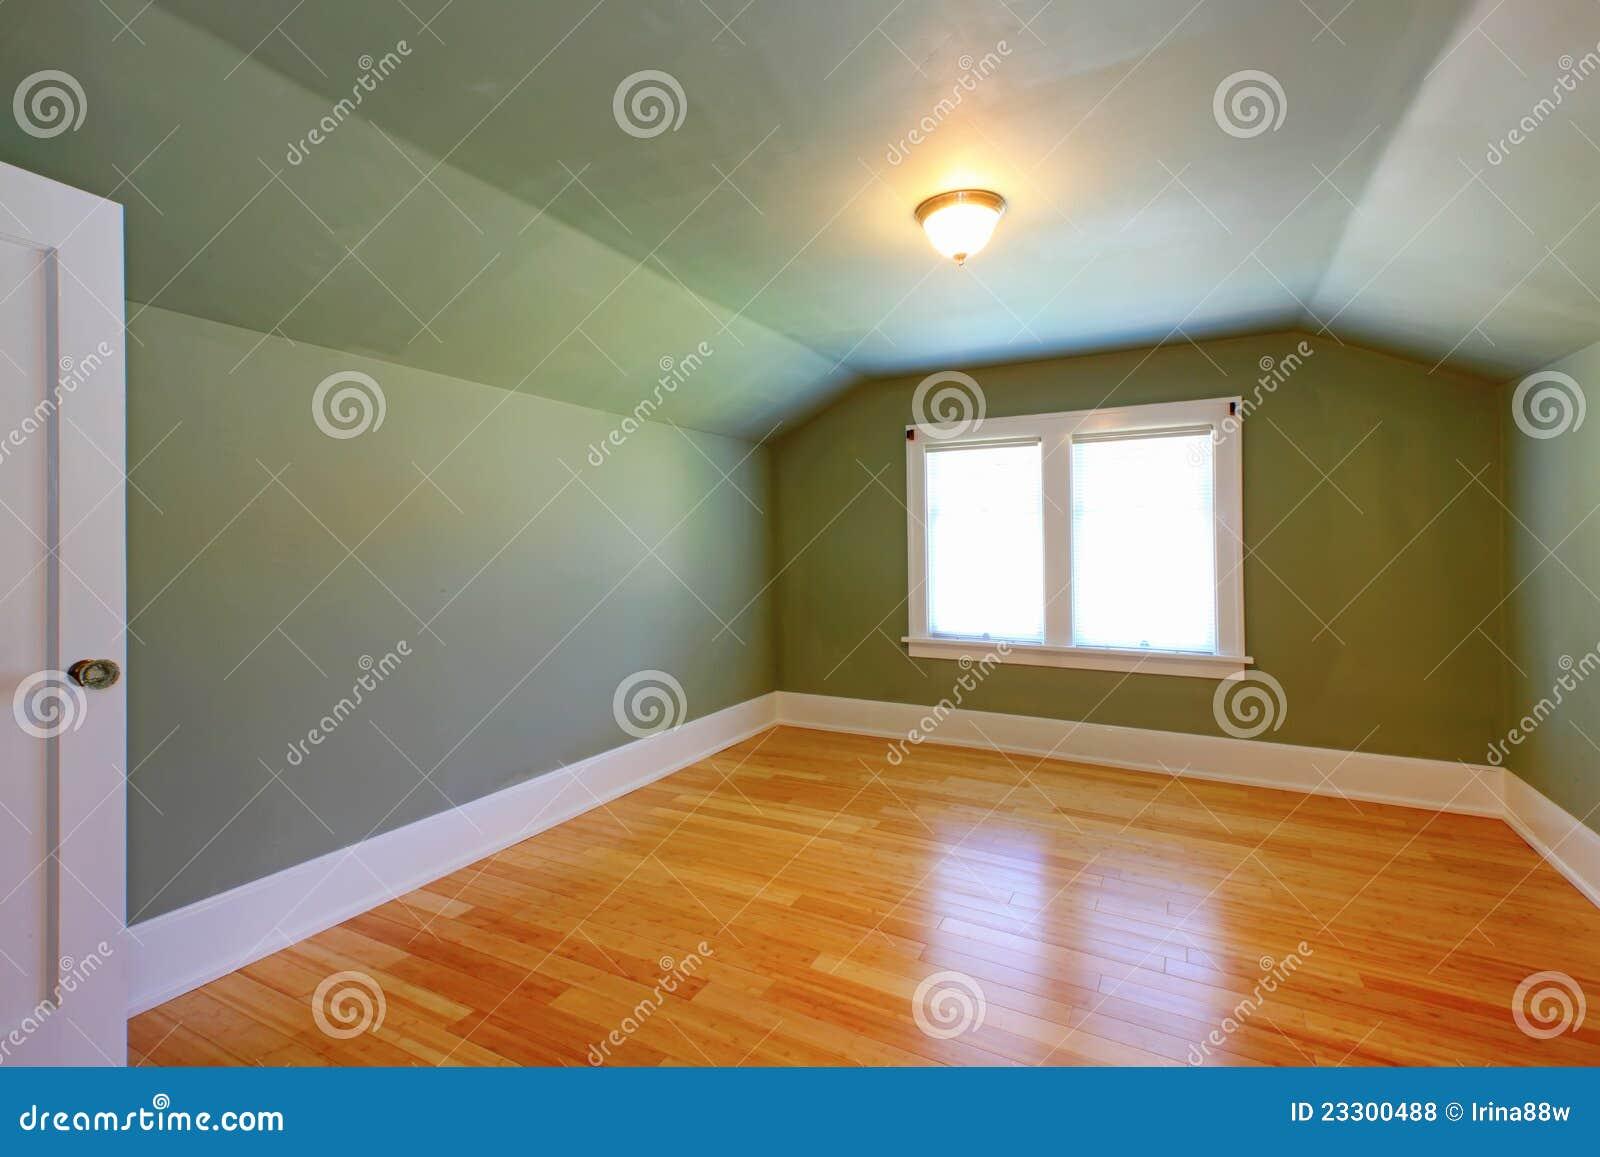 Zolder groene ruimte met laag plafond royalty vrije stock for 3d planner zolder